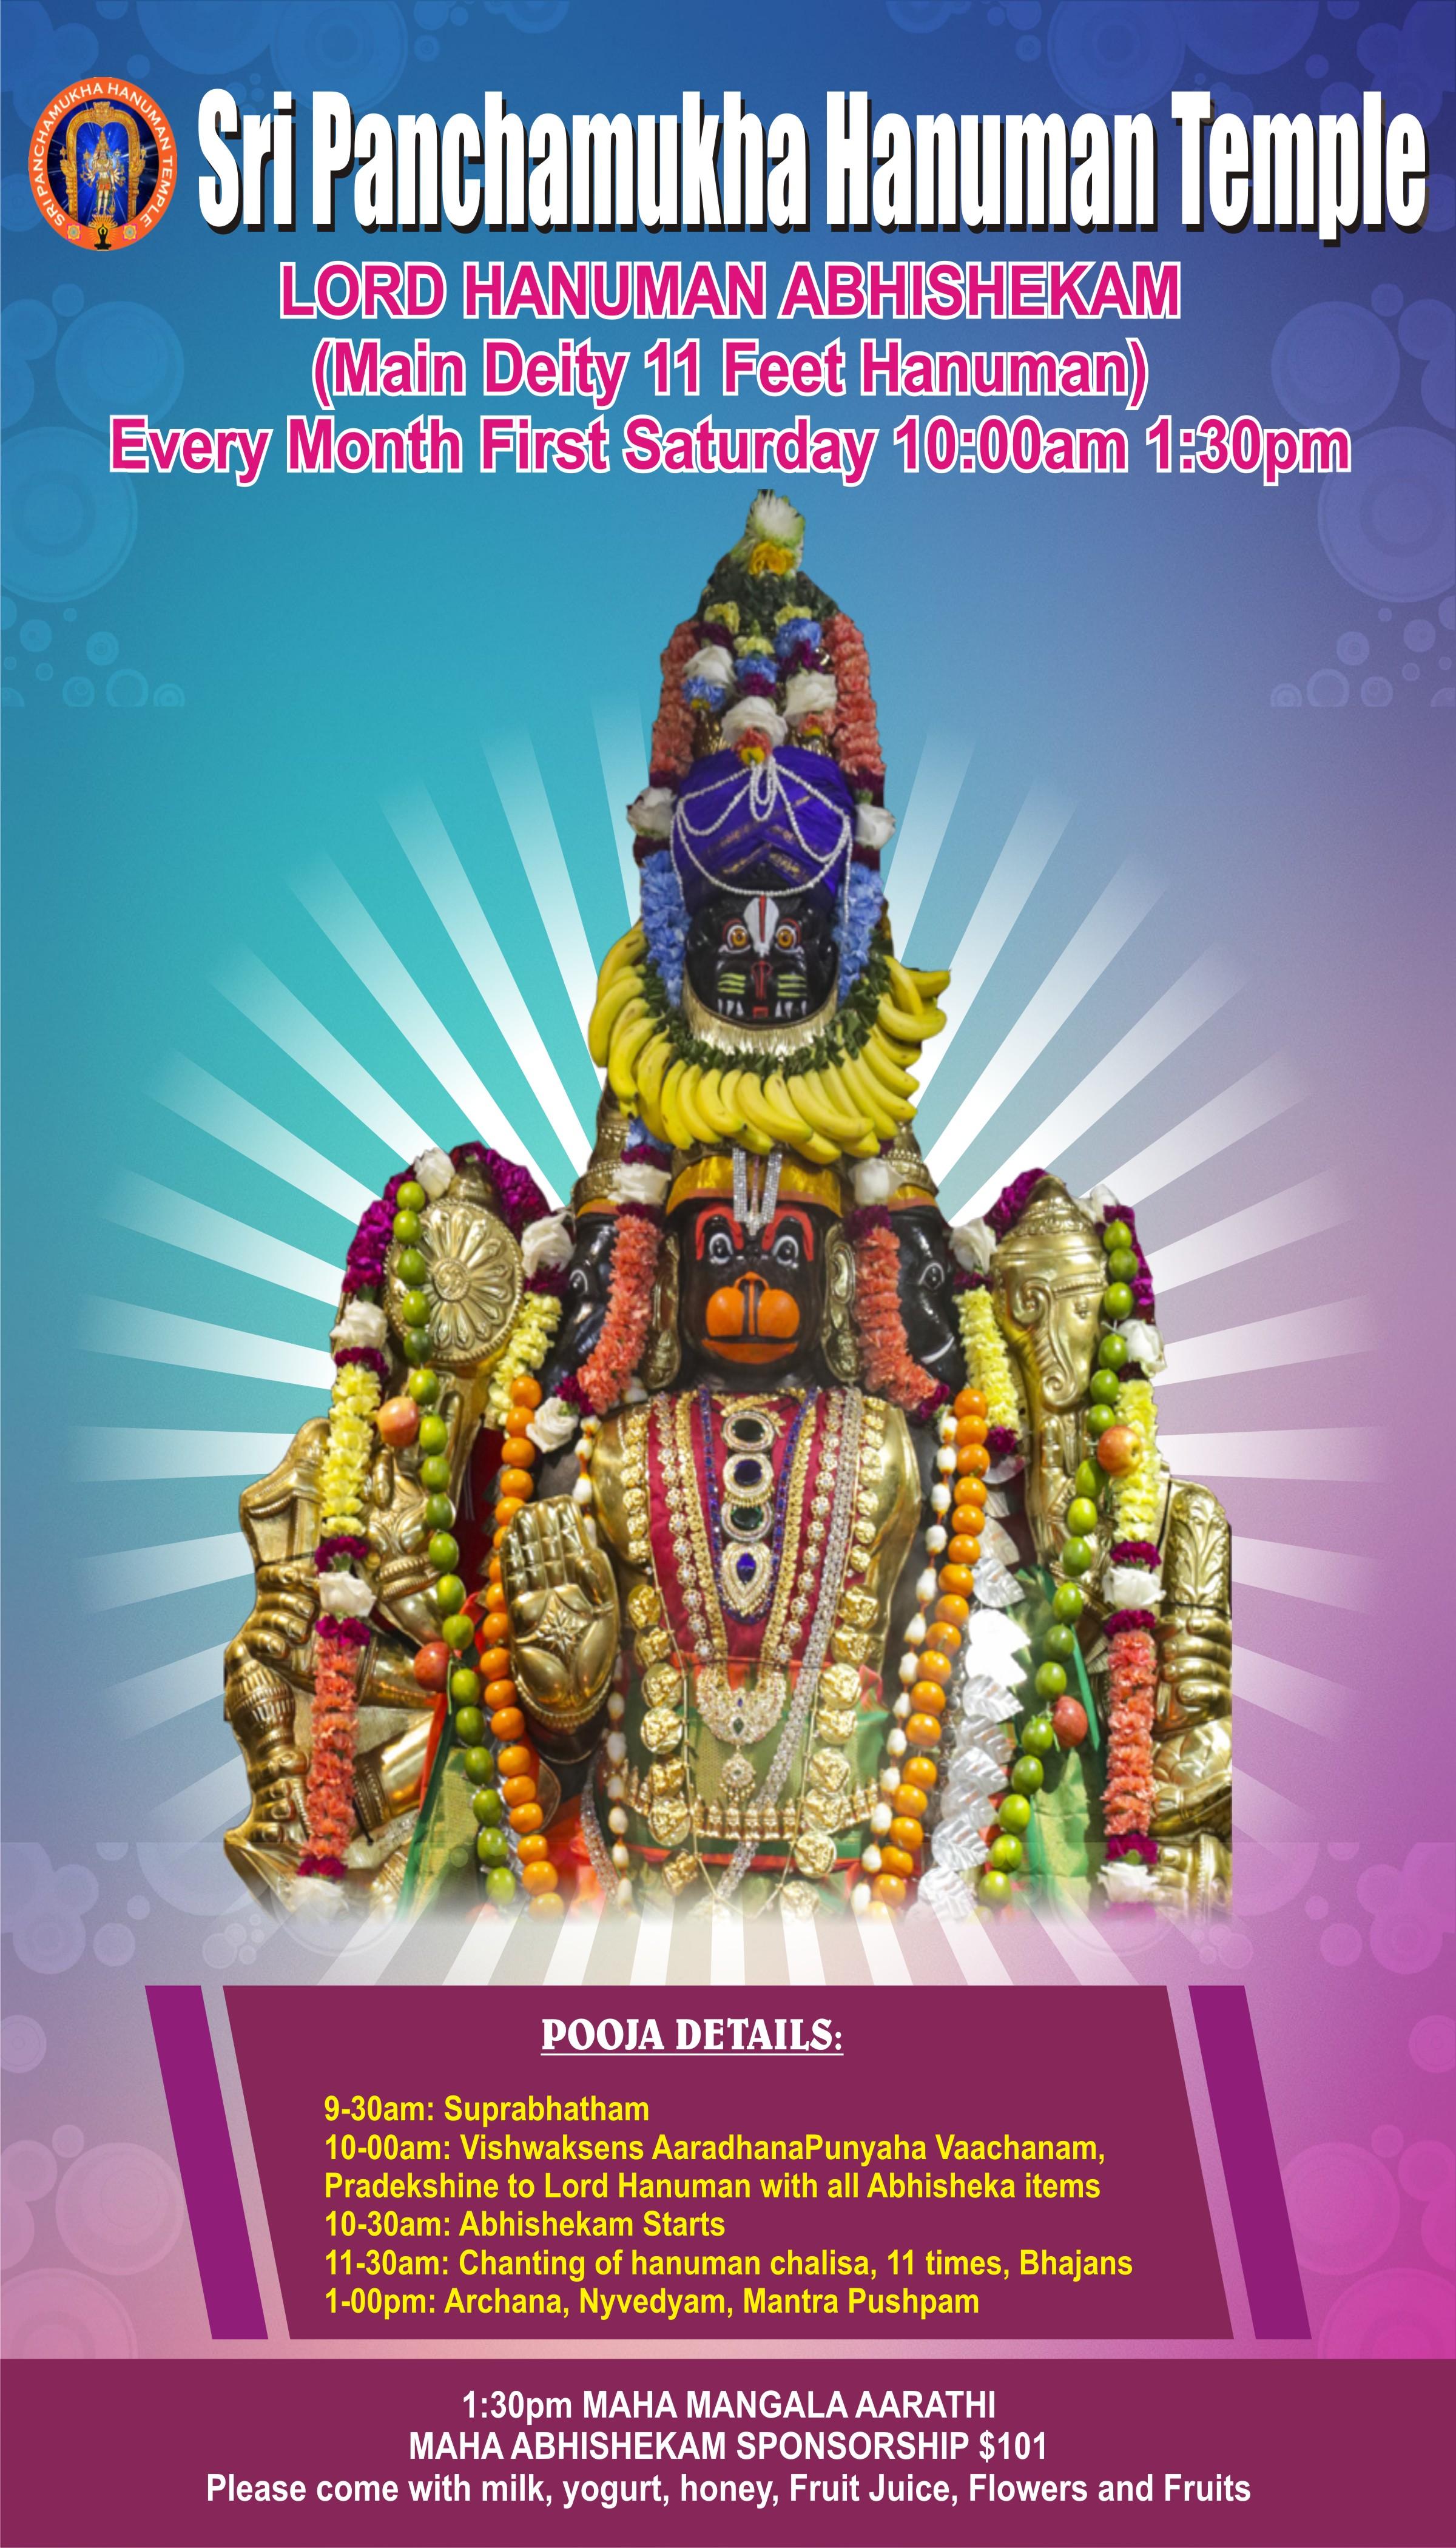 Sri Hanuman Abhishekham - Sri Panchamukha Hanuman Temple And